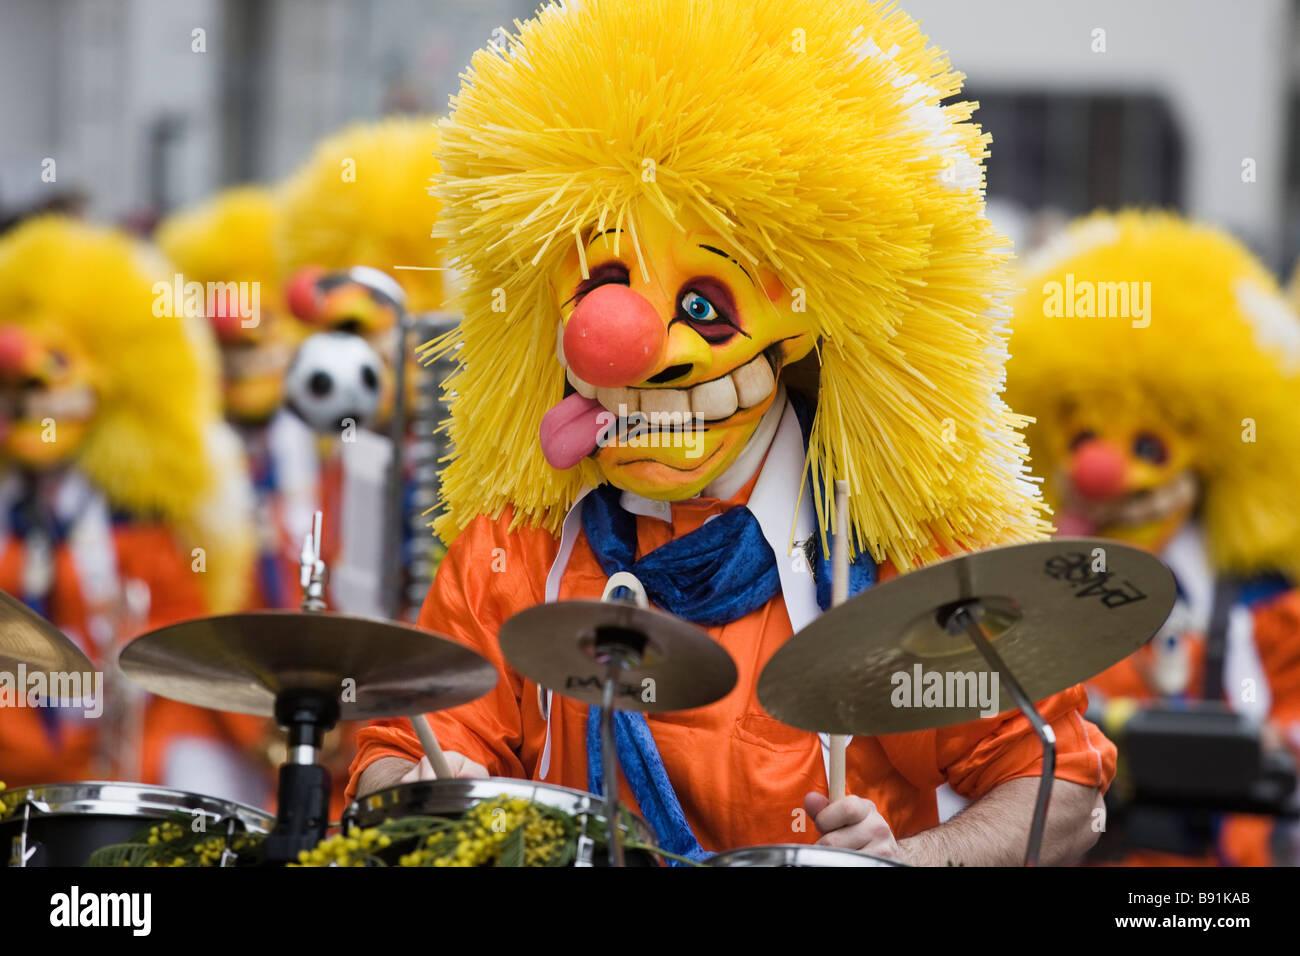 Le carnaval, un carnaval d'hiver dans le nord-ouest de Bâle en Suisse Photo Stock